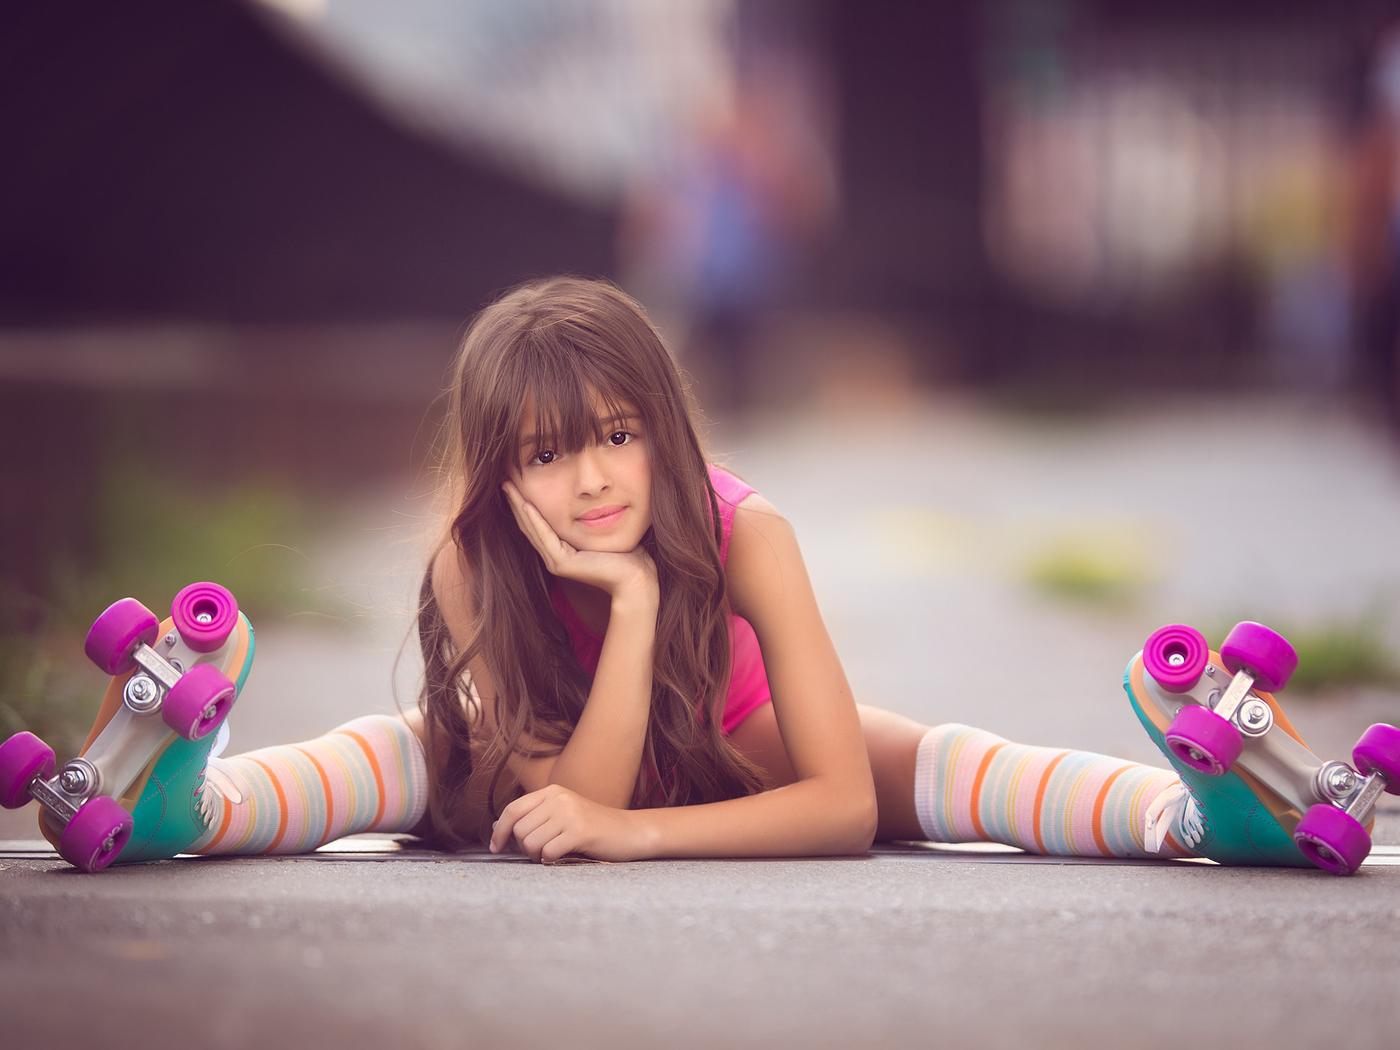 cute-little-girl-skater-bv.jpg